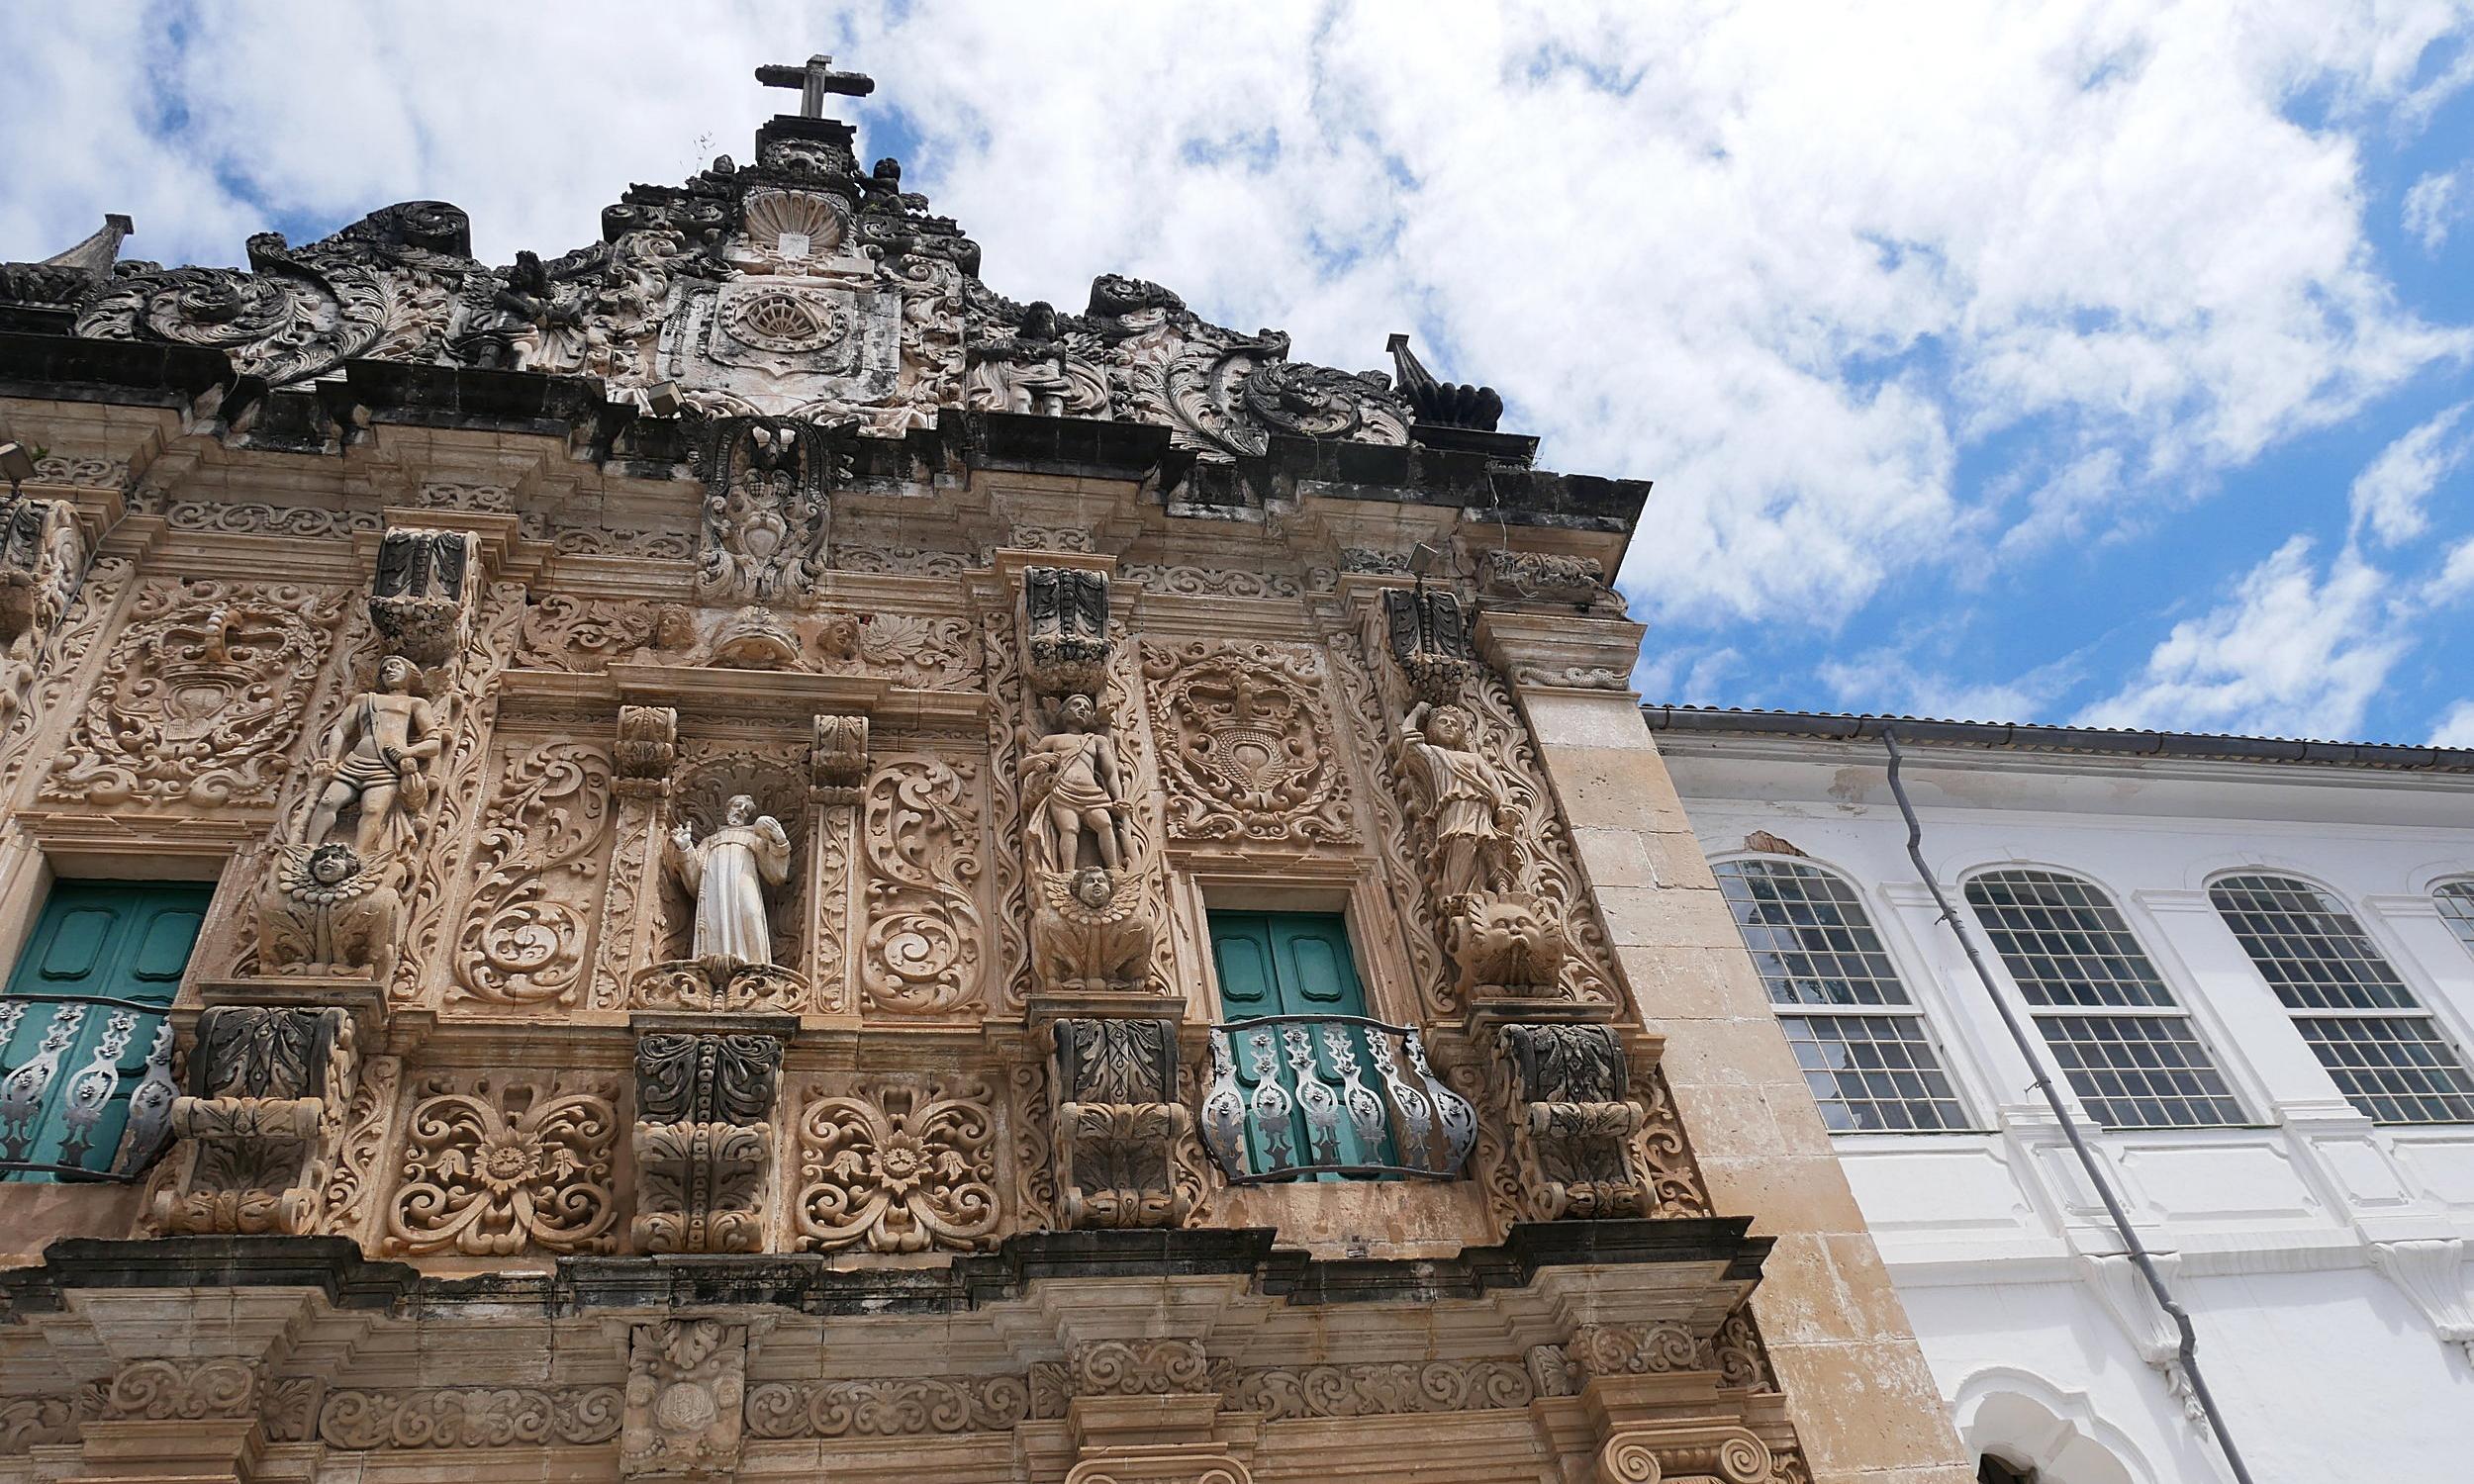 The beautiful baroque Igreja de São Francisco